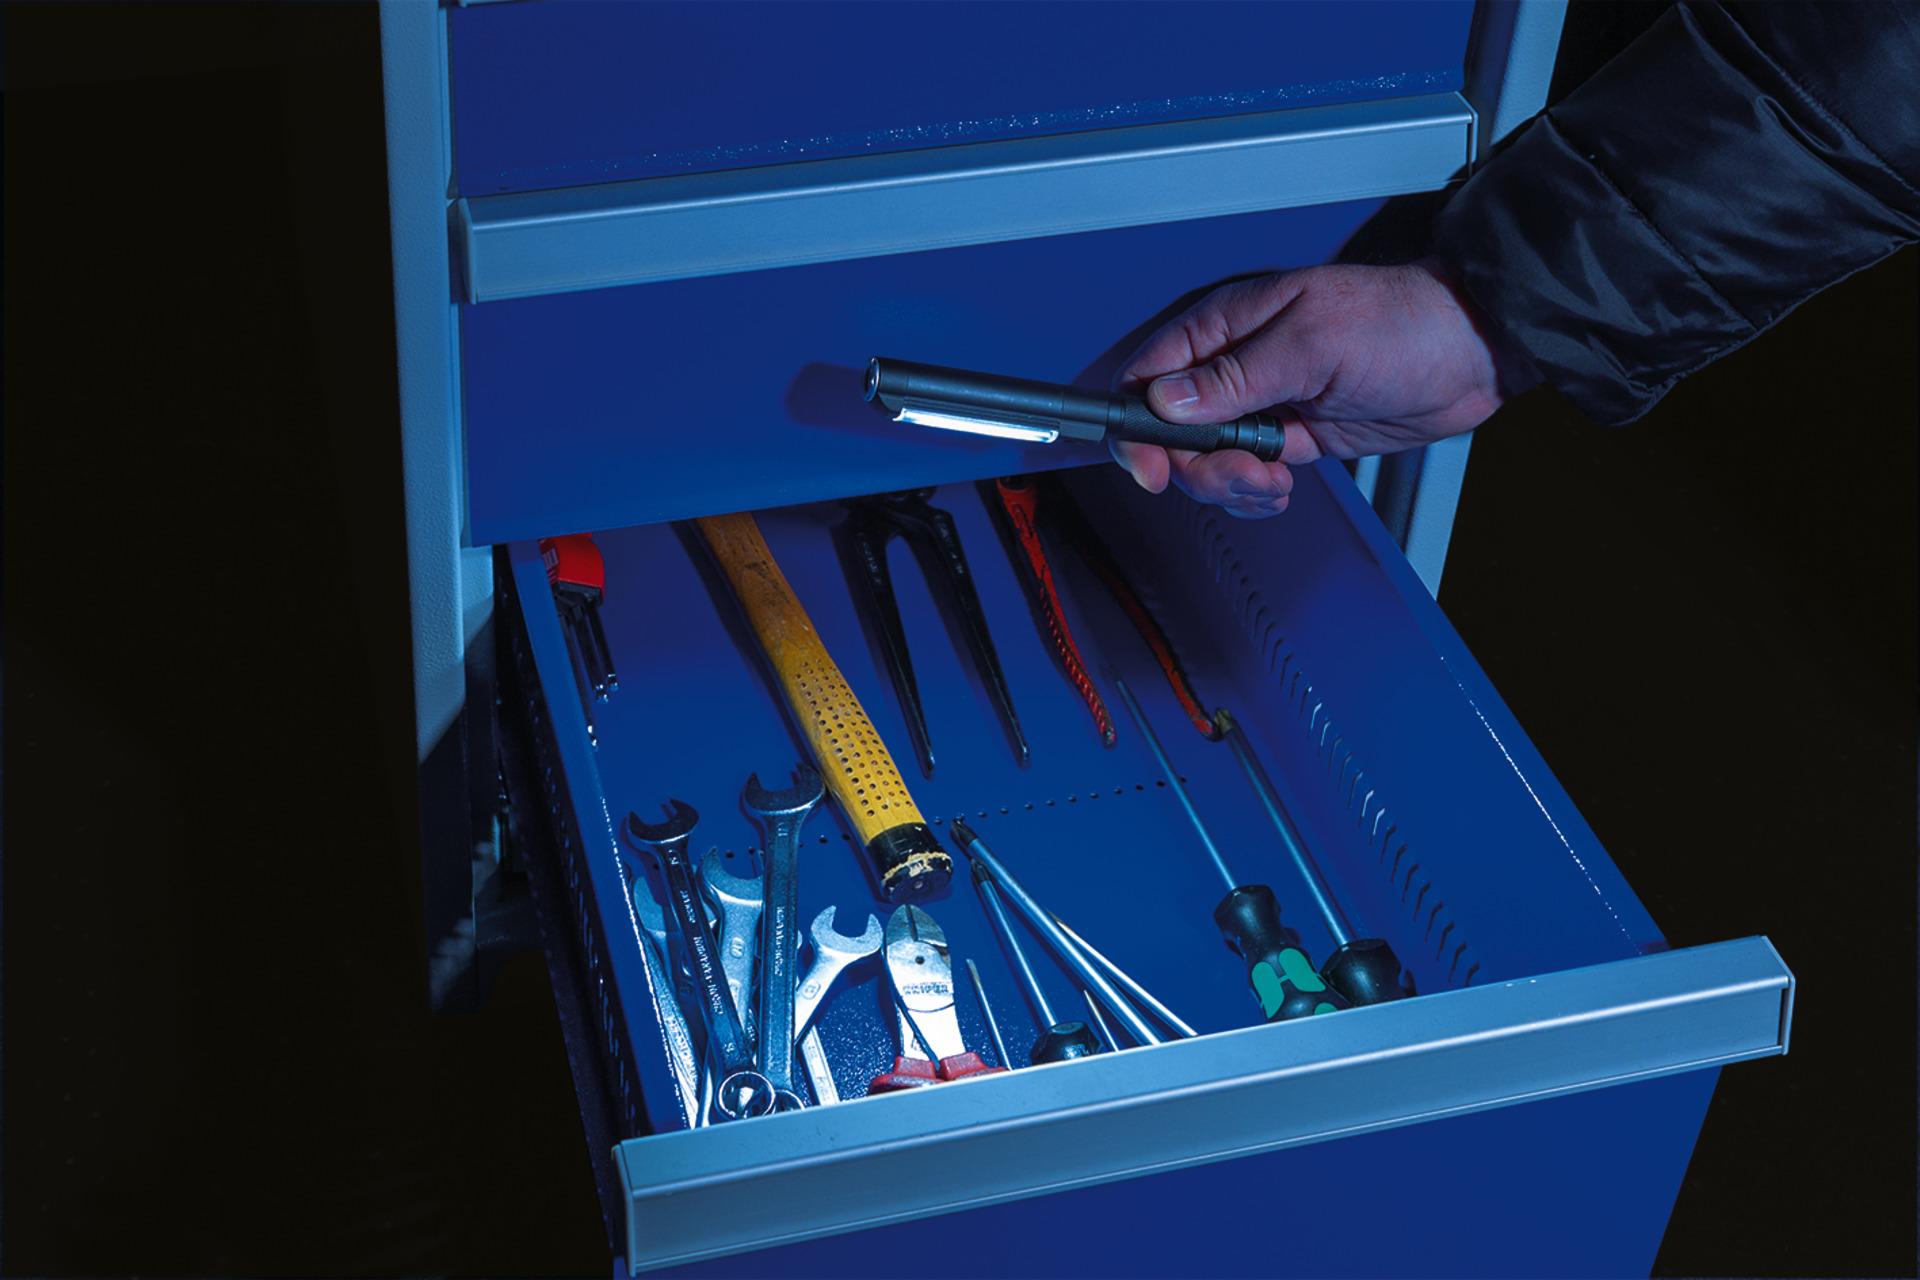 Anwendungsbeispiel - Stiftlampe TL-500 beim Arbeiten